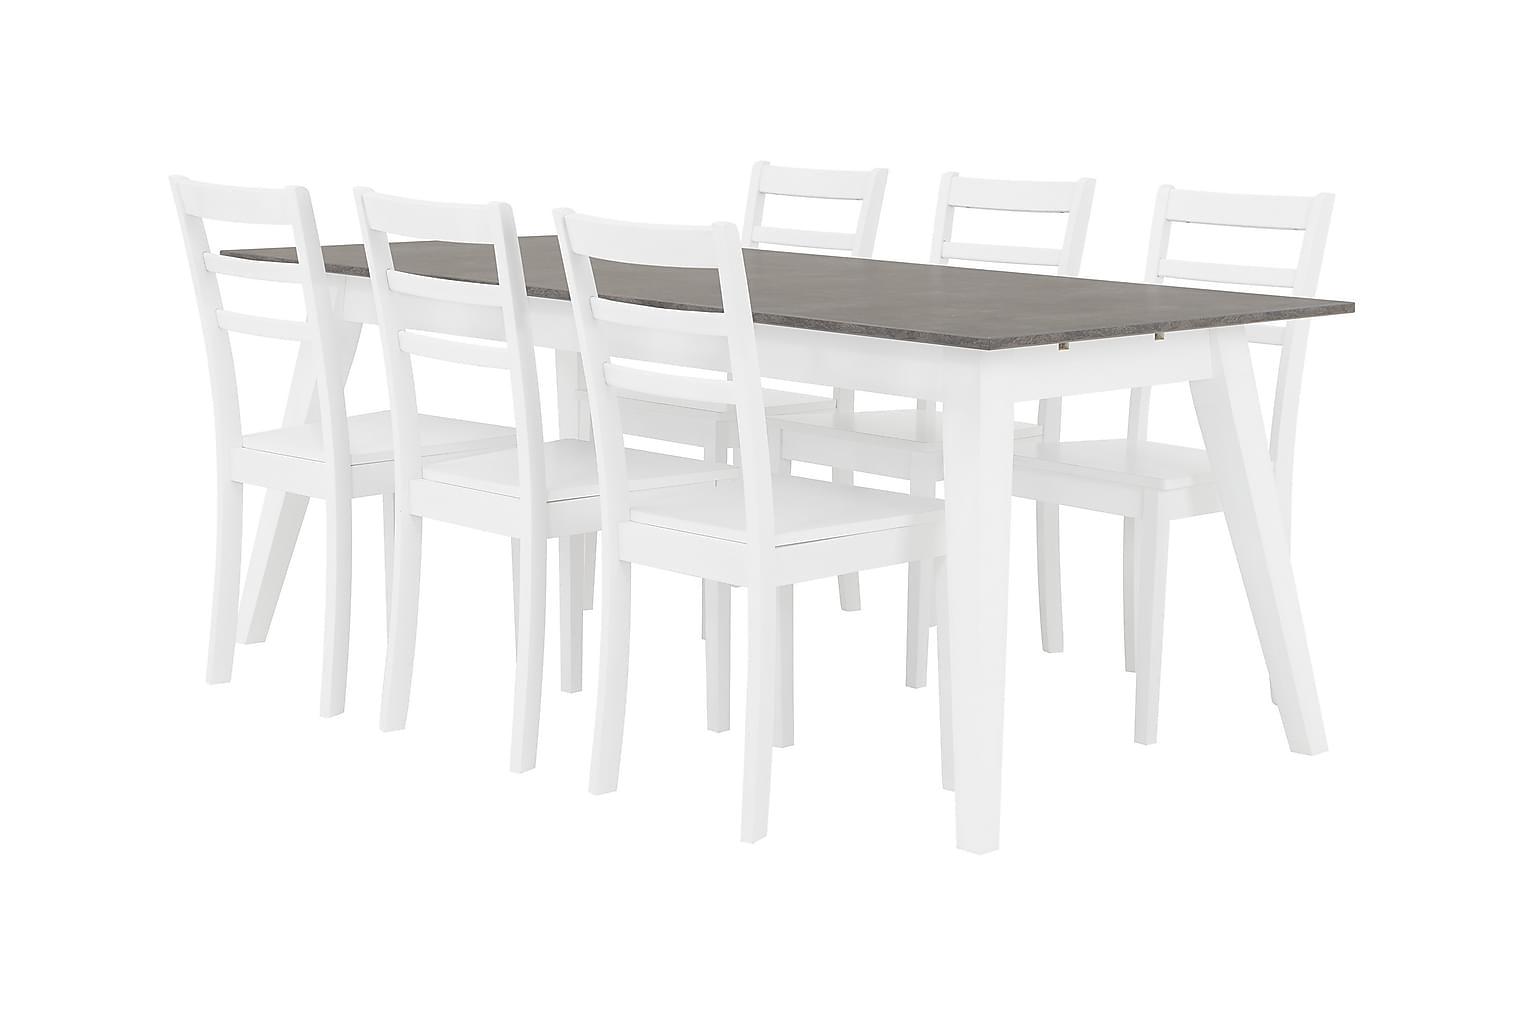 GRIMSTAD Pöytä 190 Betoni/Valkoinen + 6 SJÖBERG Tuoli Valkoi